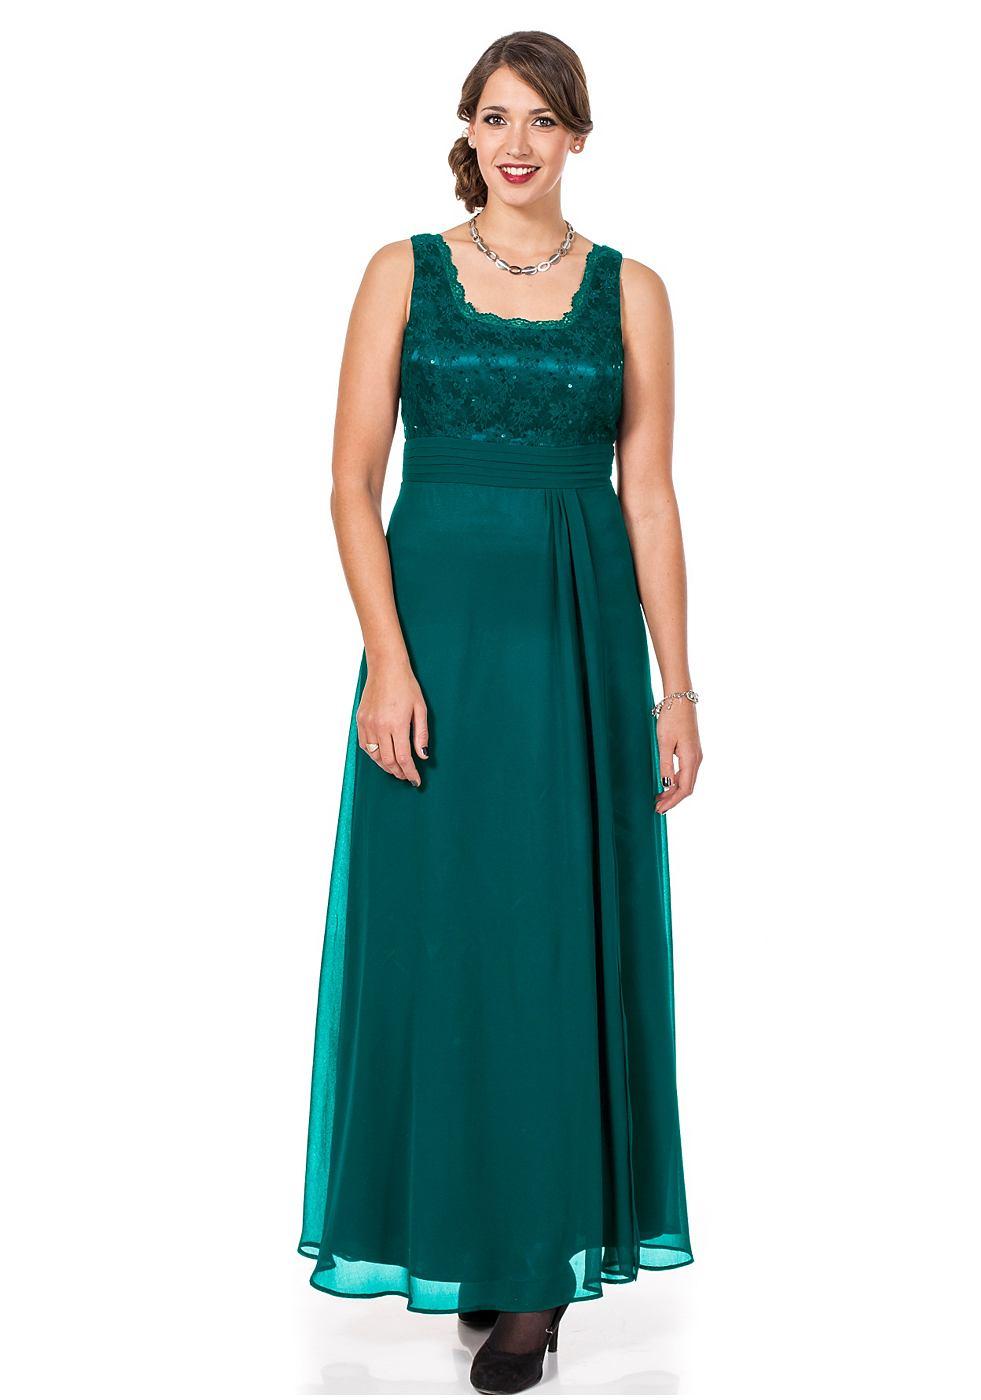 Sheego Style jurk met lijfje van kant groen